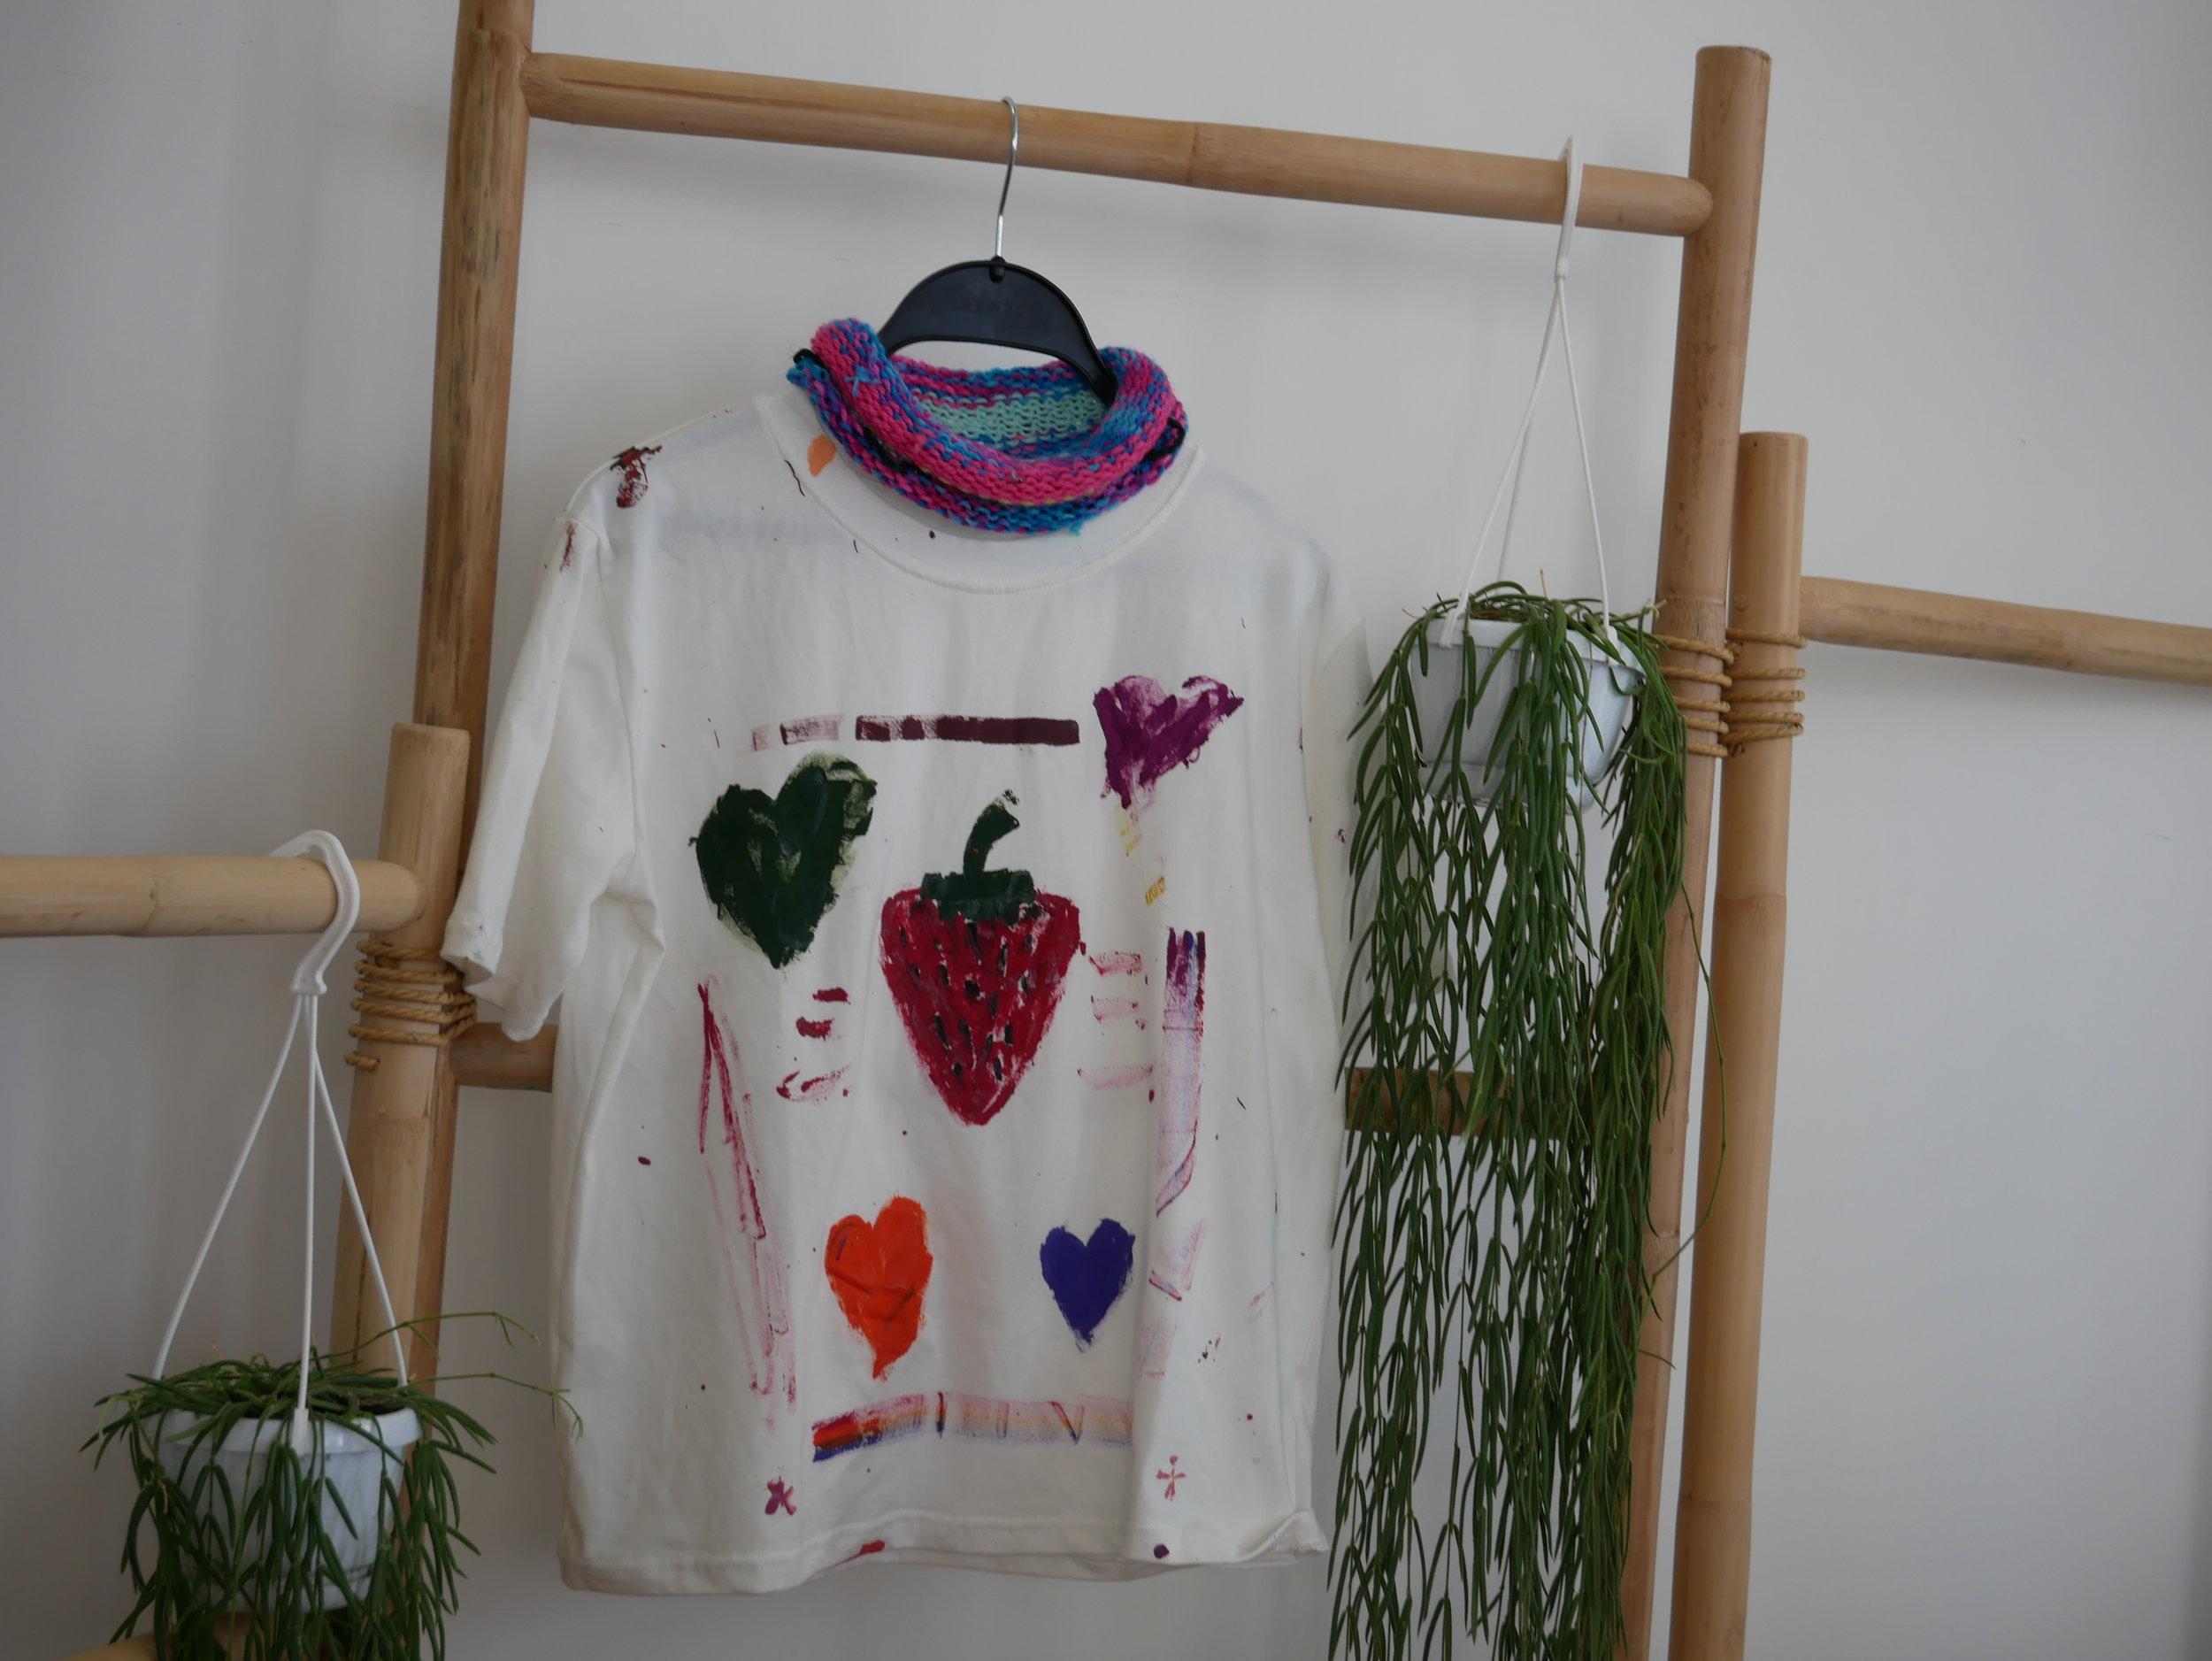 Strawberry Hearts  by Eliana Giancotti  HK$50,000